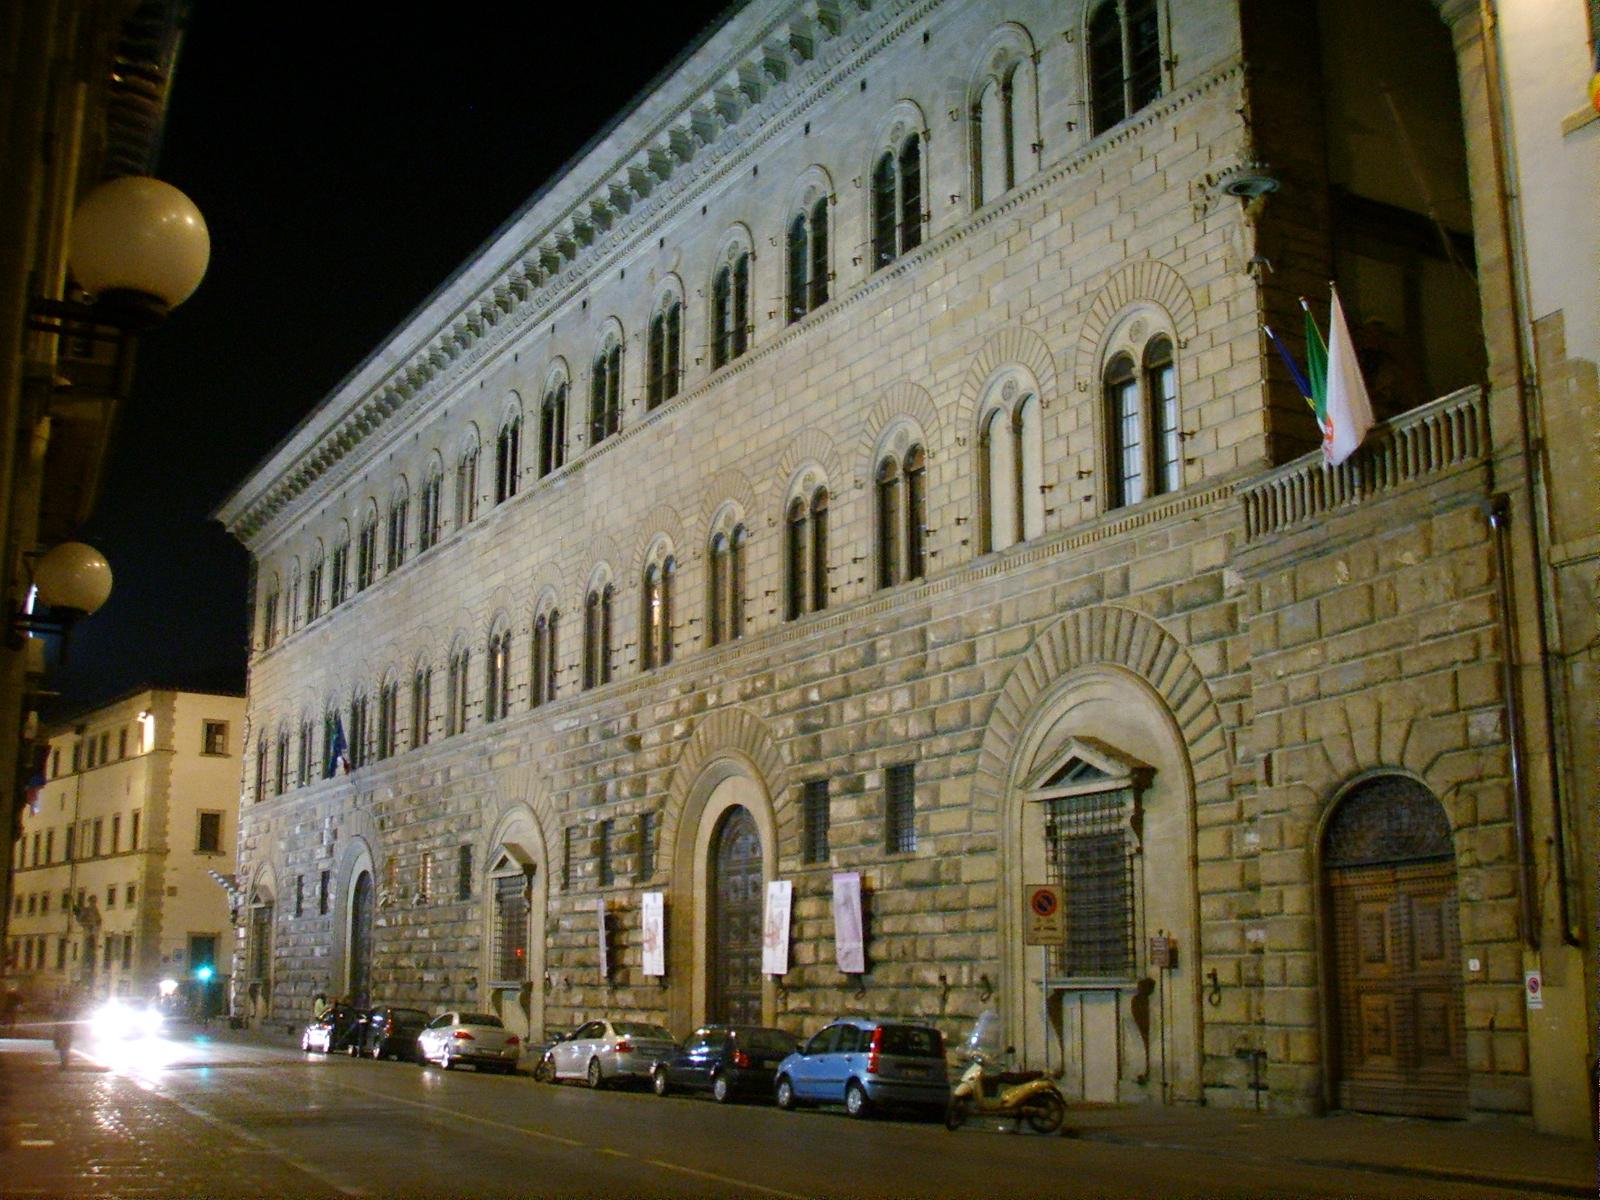 Palazzo_Medici_Riccardi_by_night_01